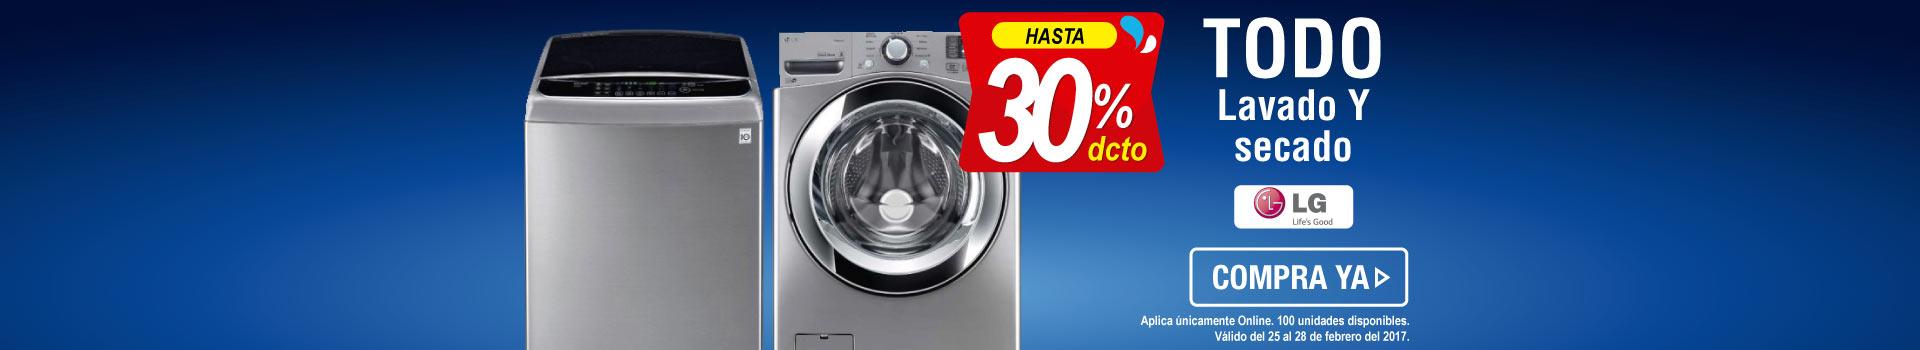 Hasta 30 Dto. lavado y secado LG - banner principal